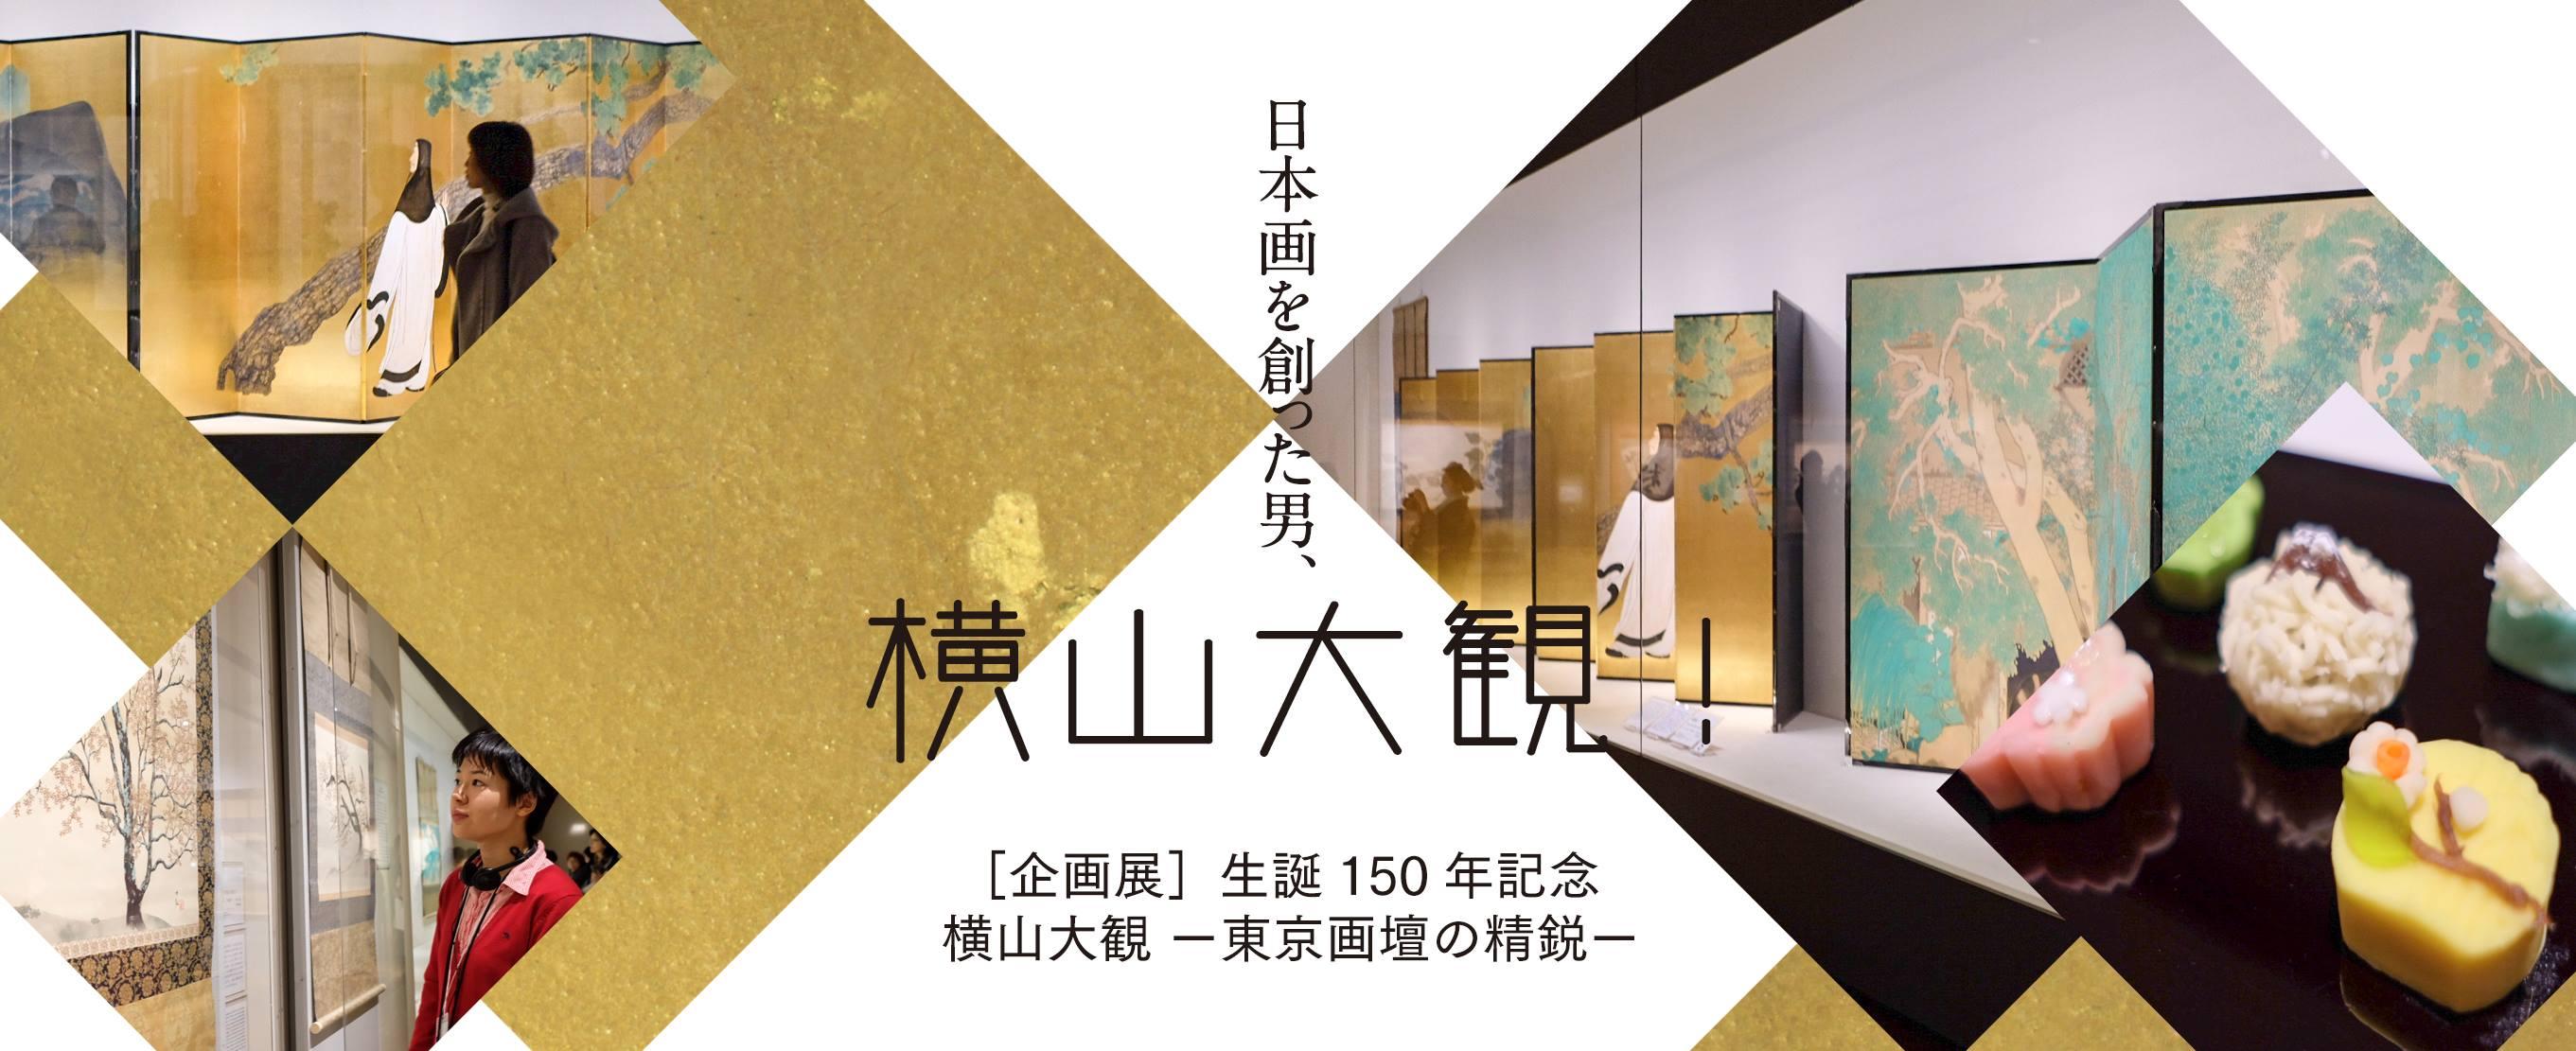 全て見せます。日本画を創った男、横山大観! [企画展]生誕150年記念 横山大観 ー東京画壇の精鋭ー